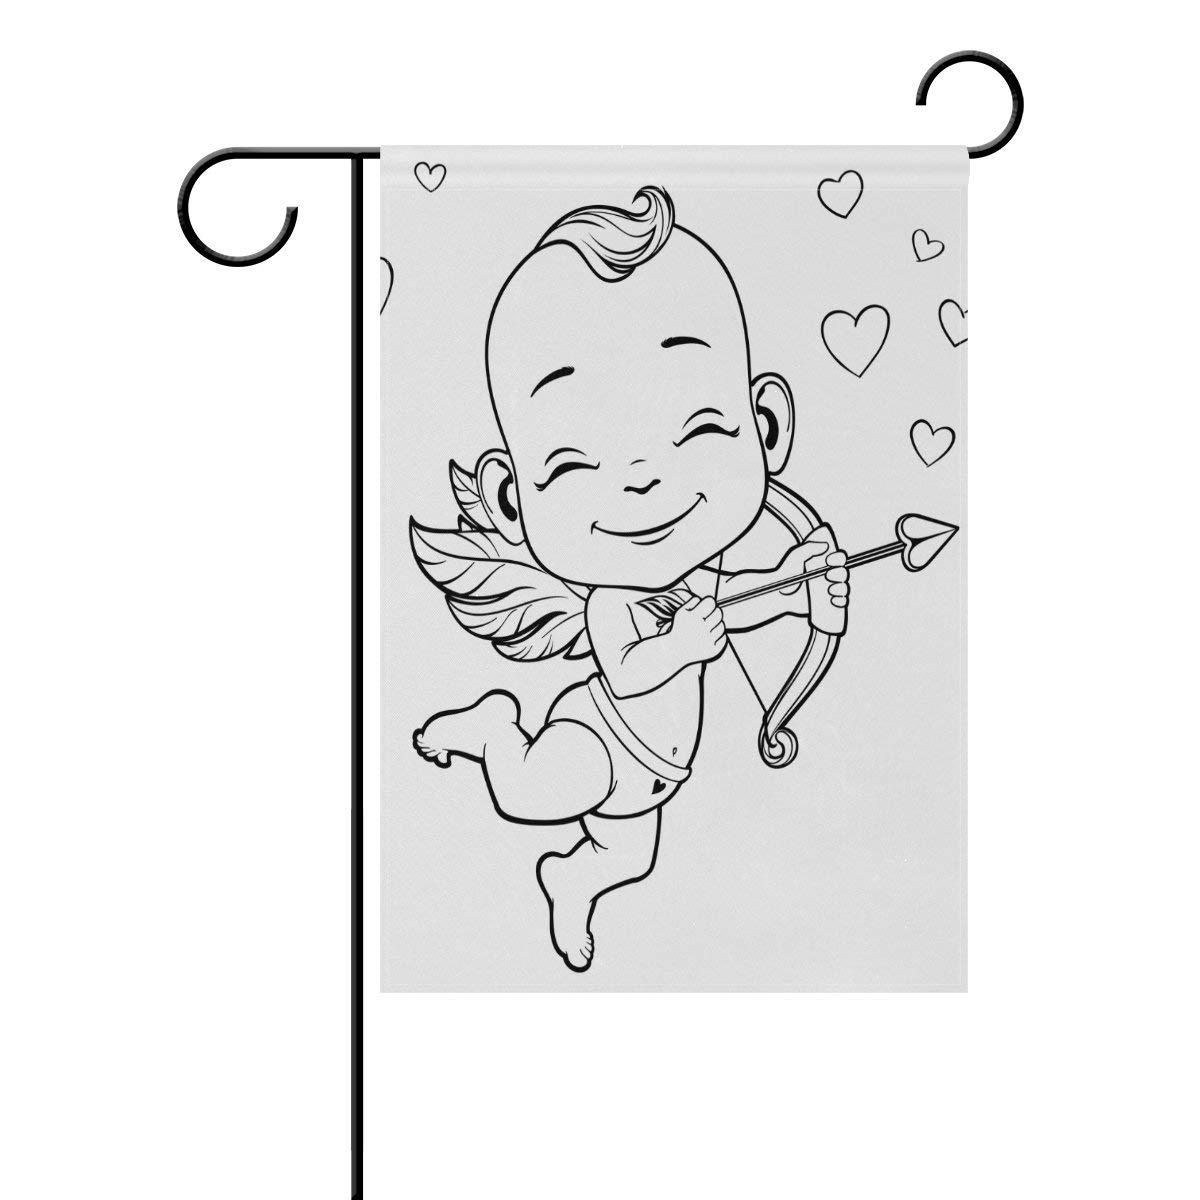 1200x1200 Afagahahs Black And White Cupid Heart Cute Cutout